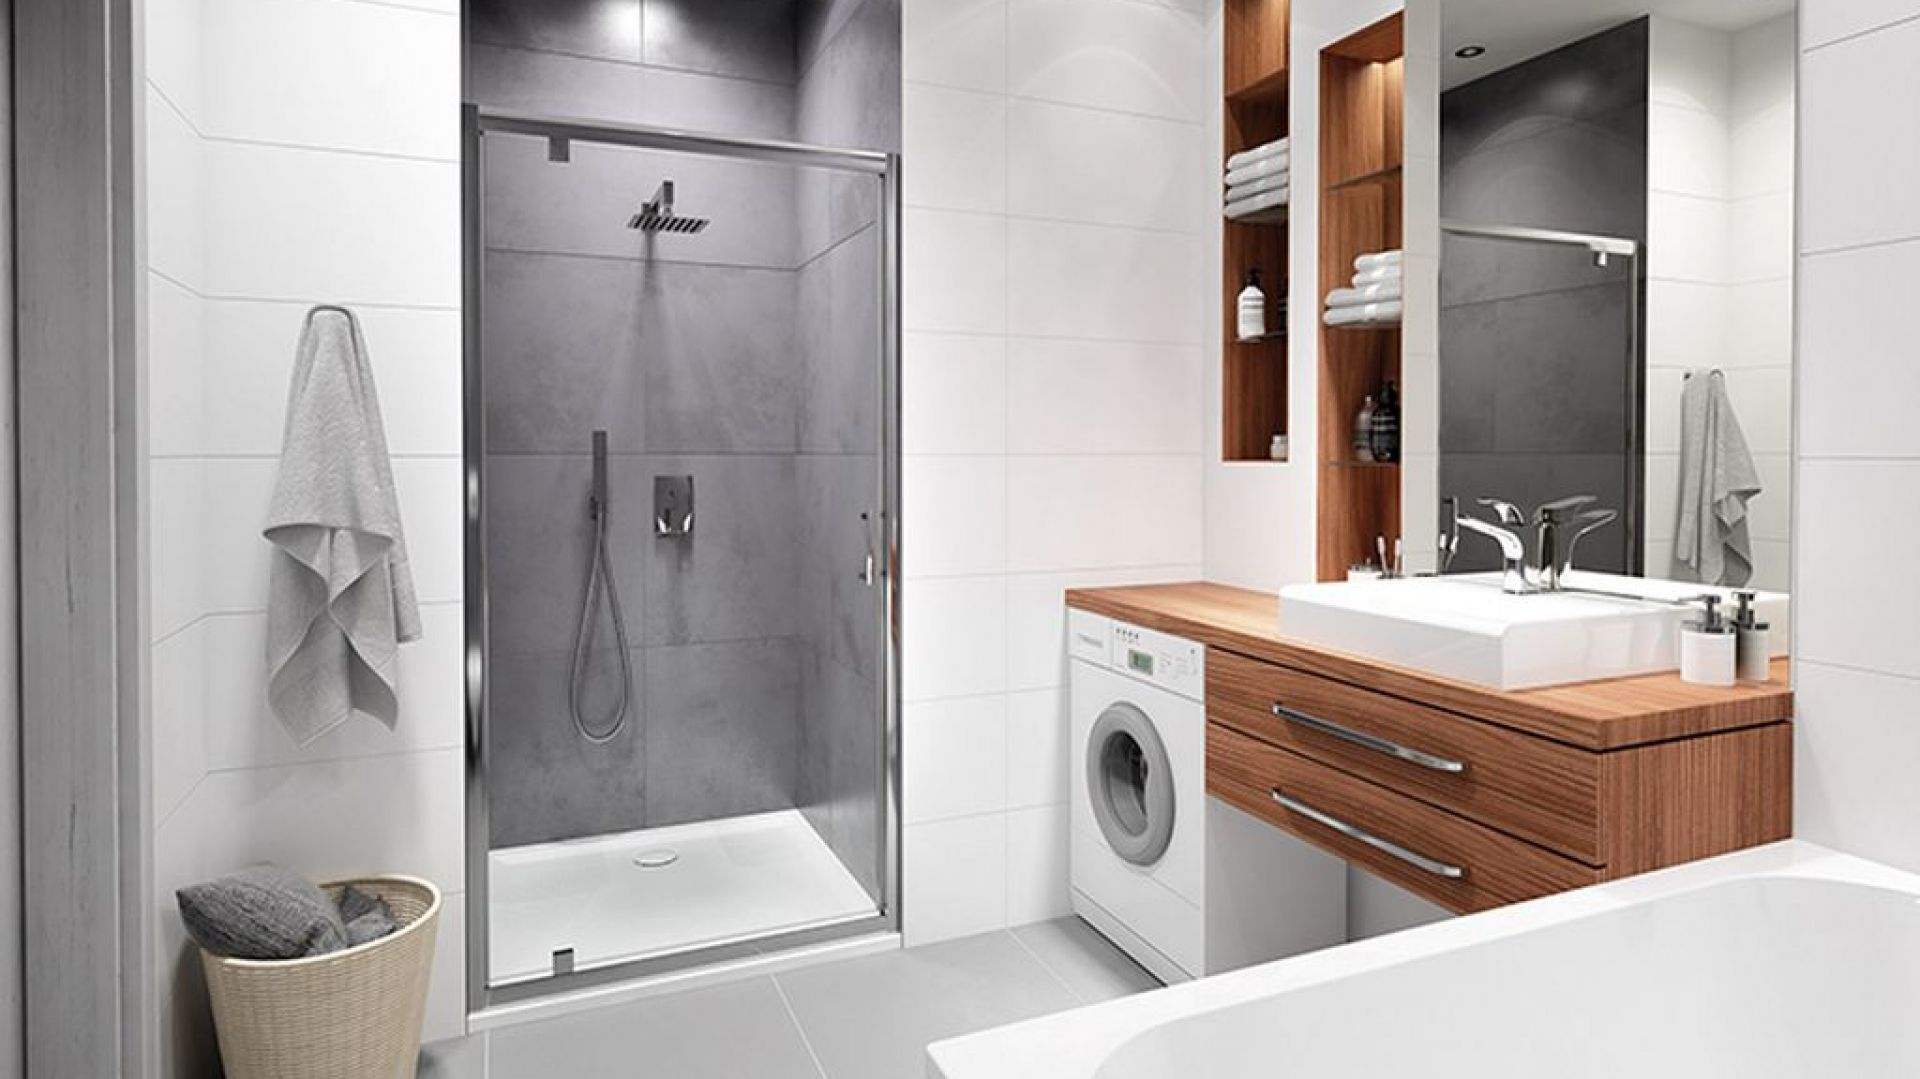 Aranżacja małej łazienki w minimalistycznym stylu. Fot. Sanplast